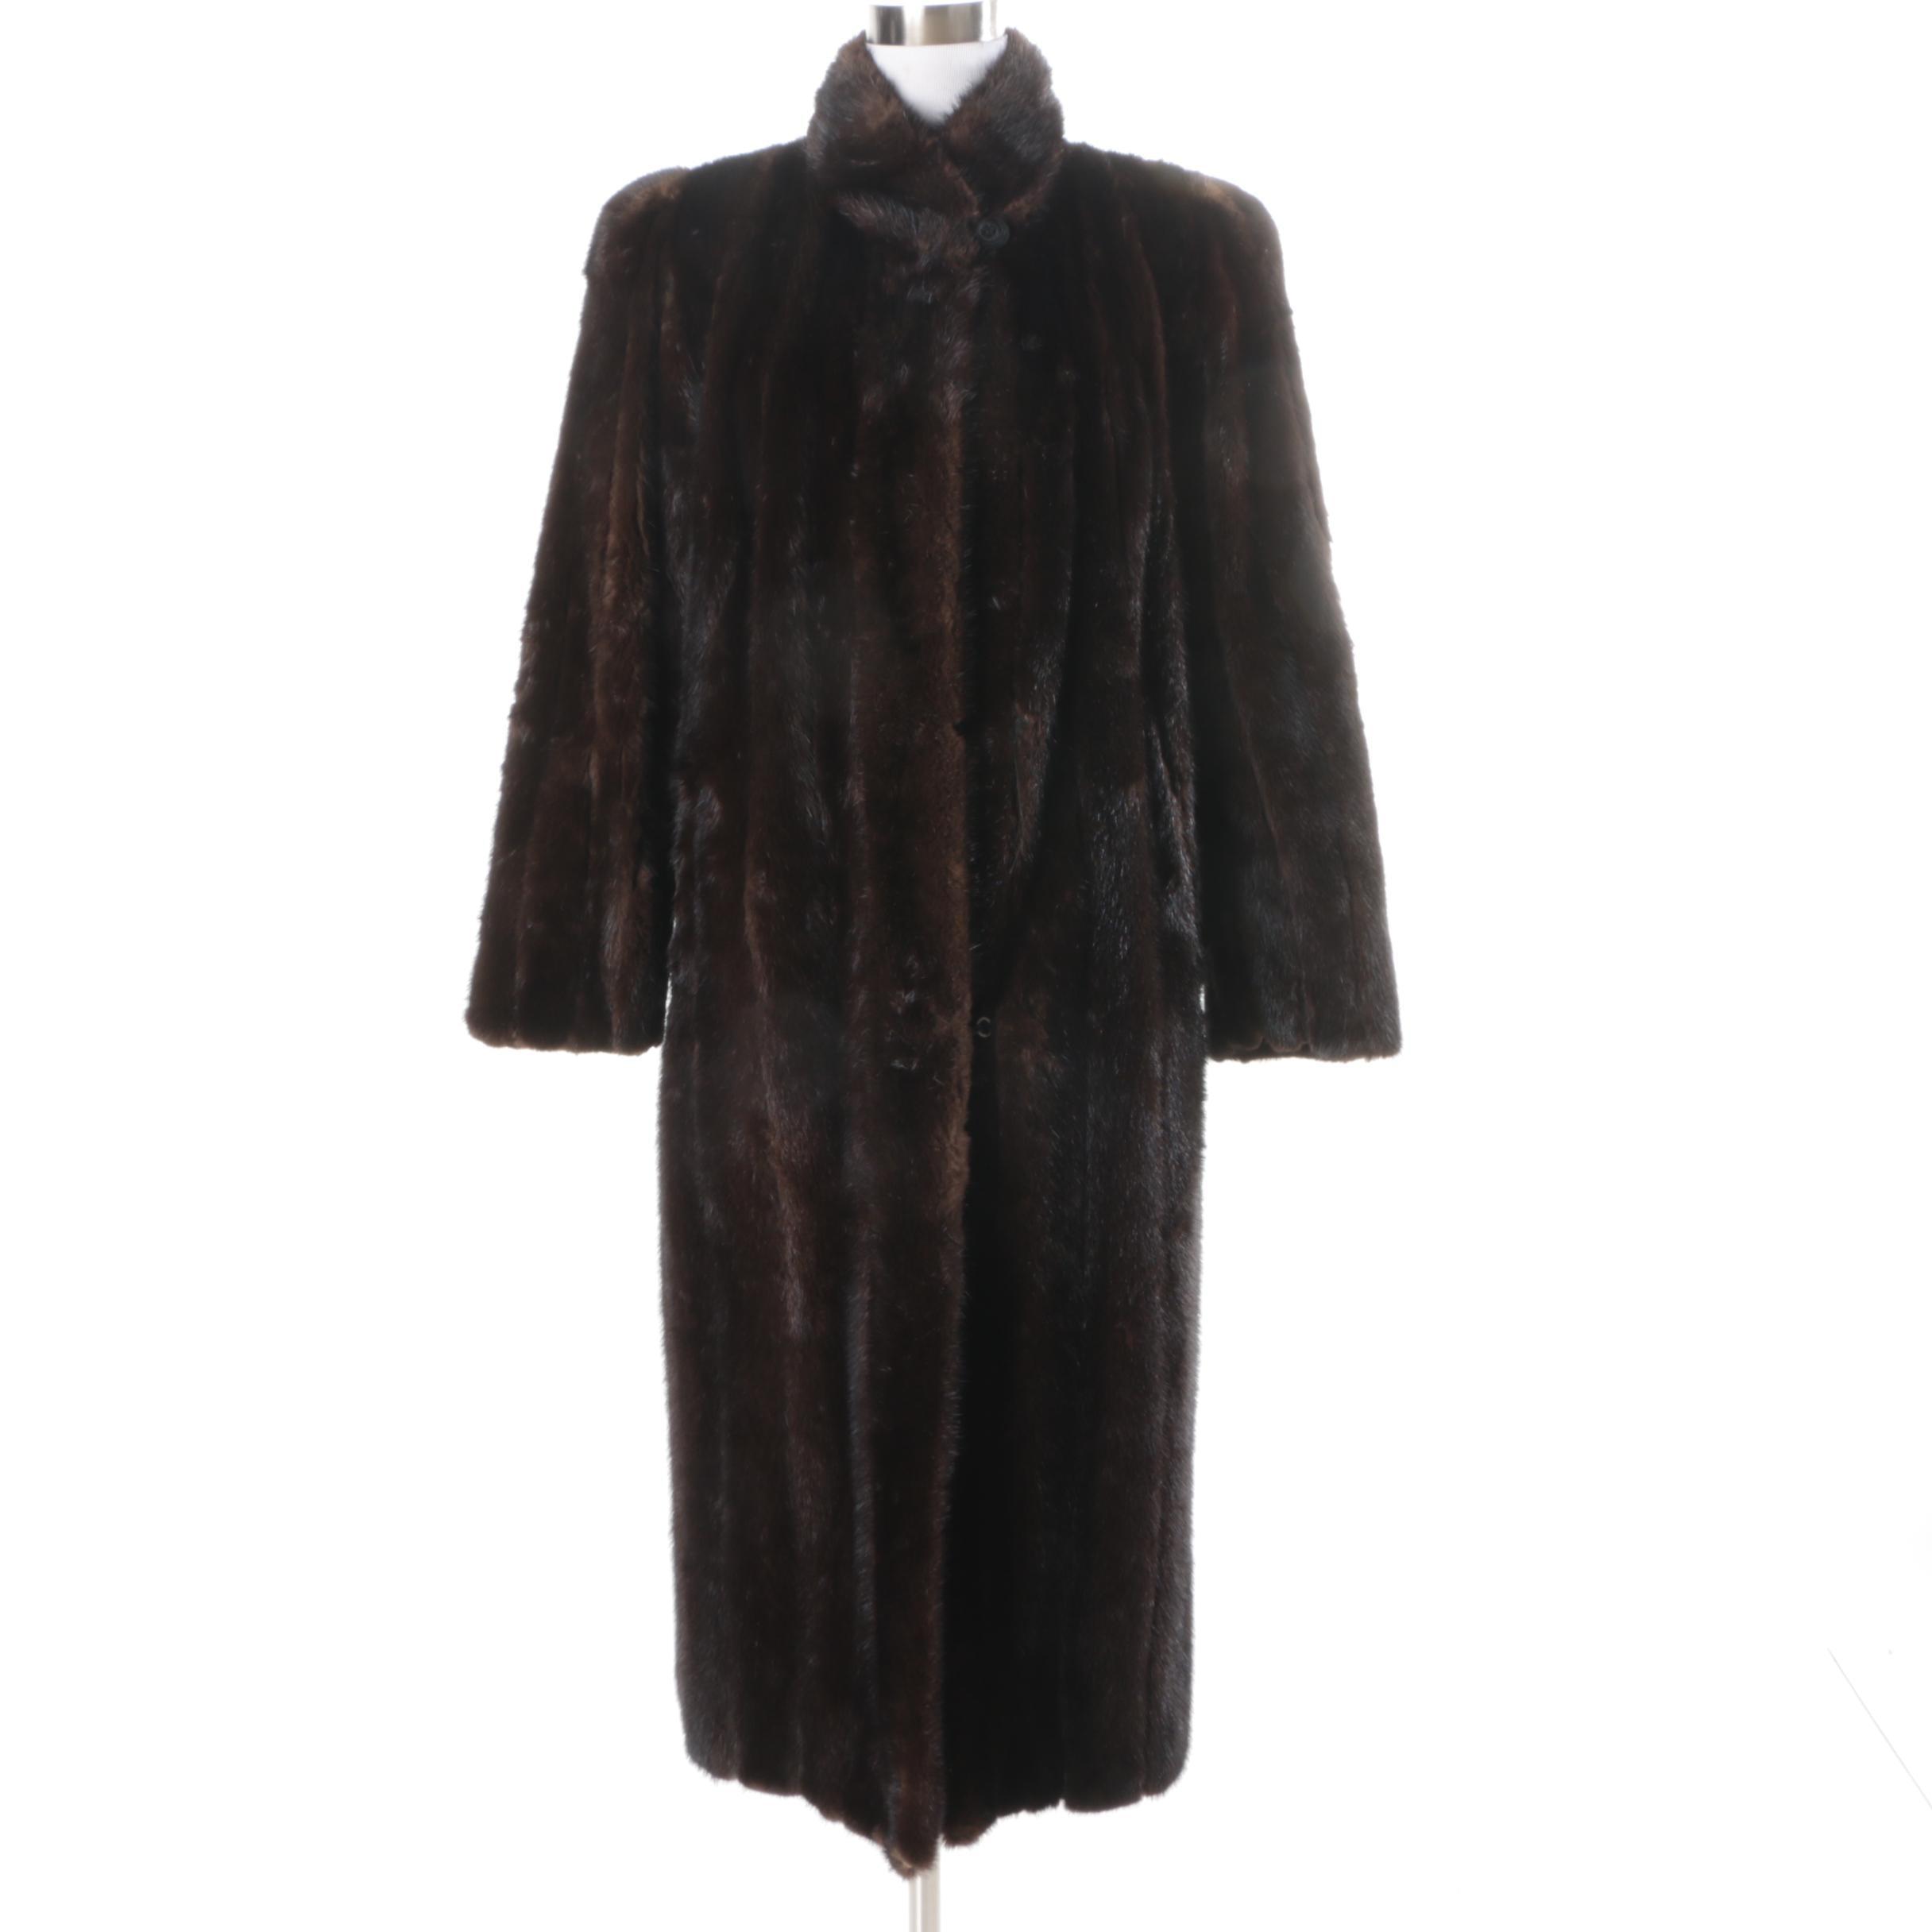 Women's Vintage Mink Fur Coat